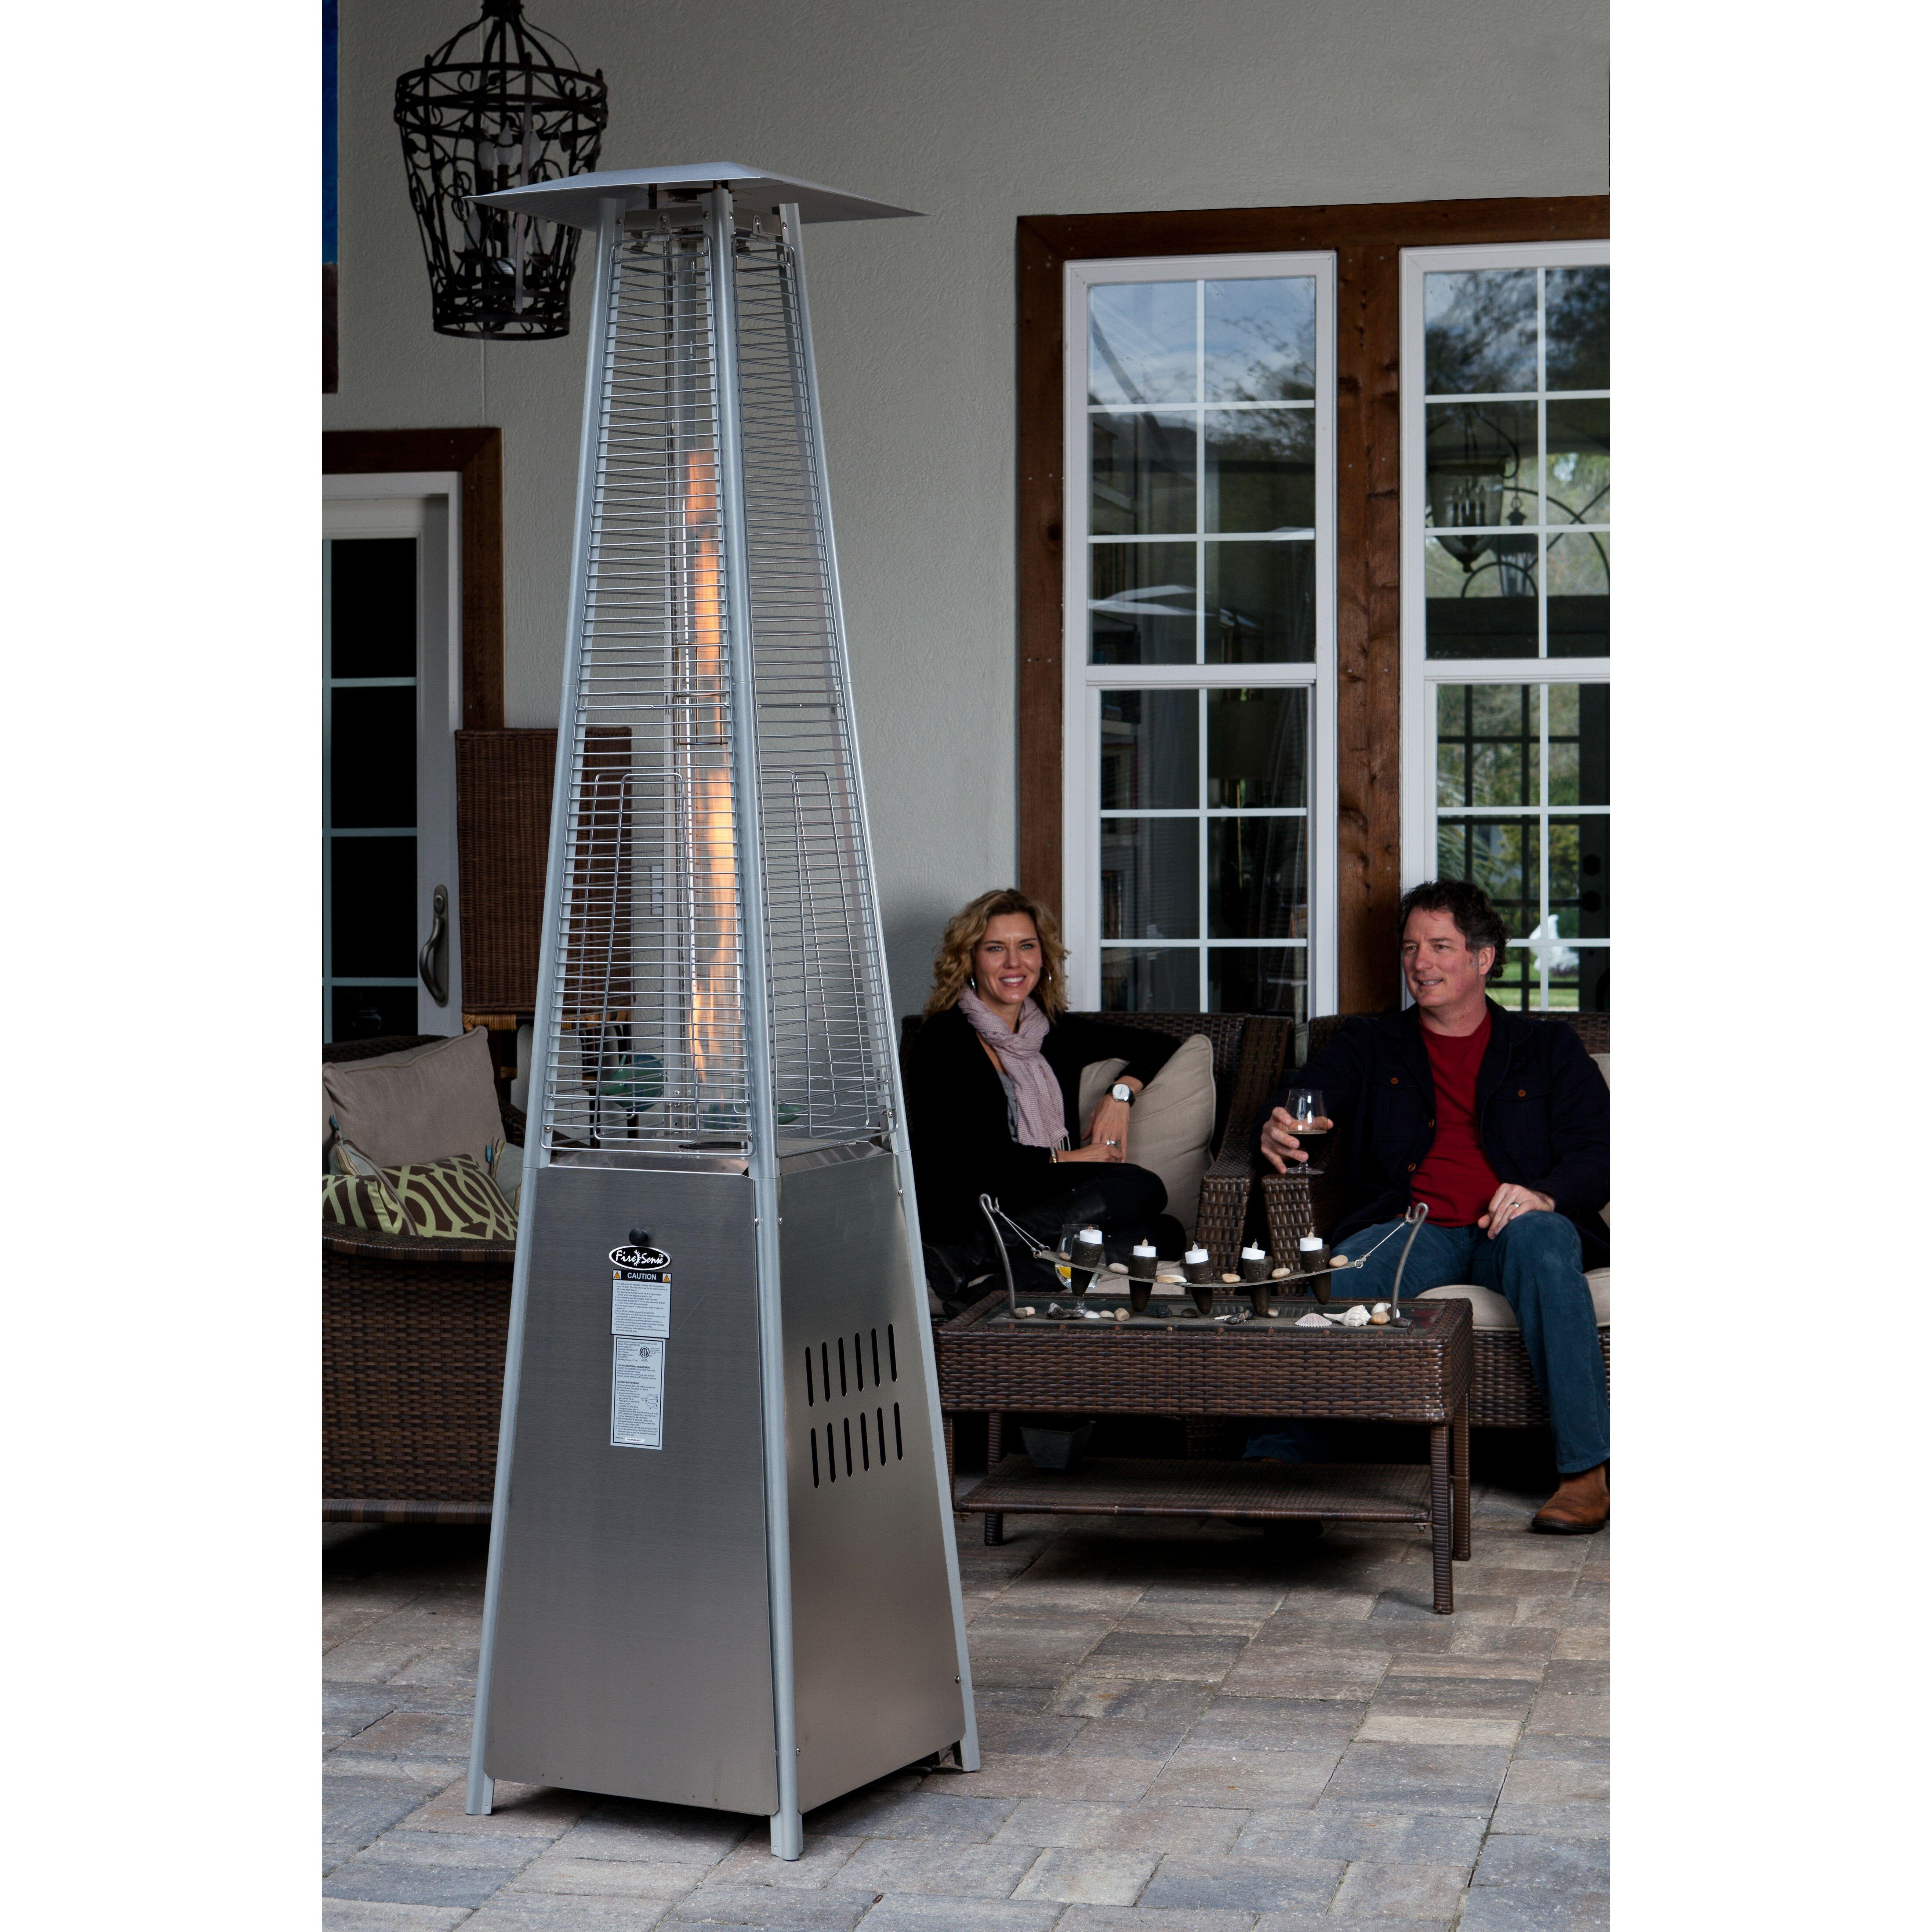 Outdoor Patio Heater Propane Icamblog